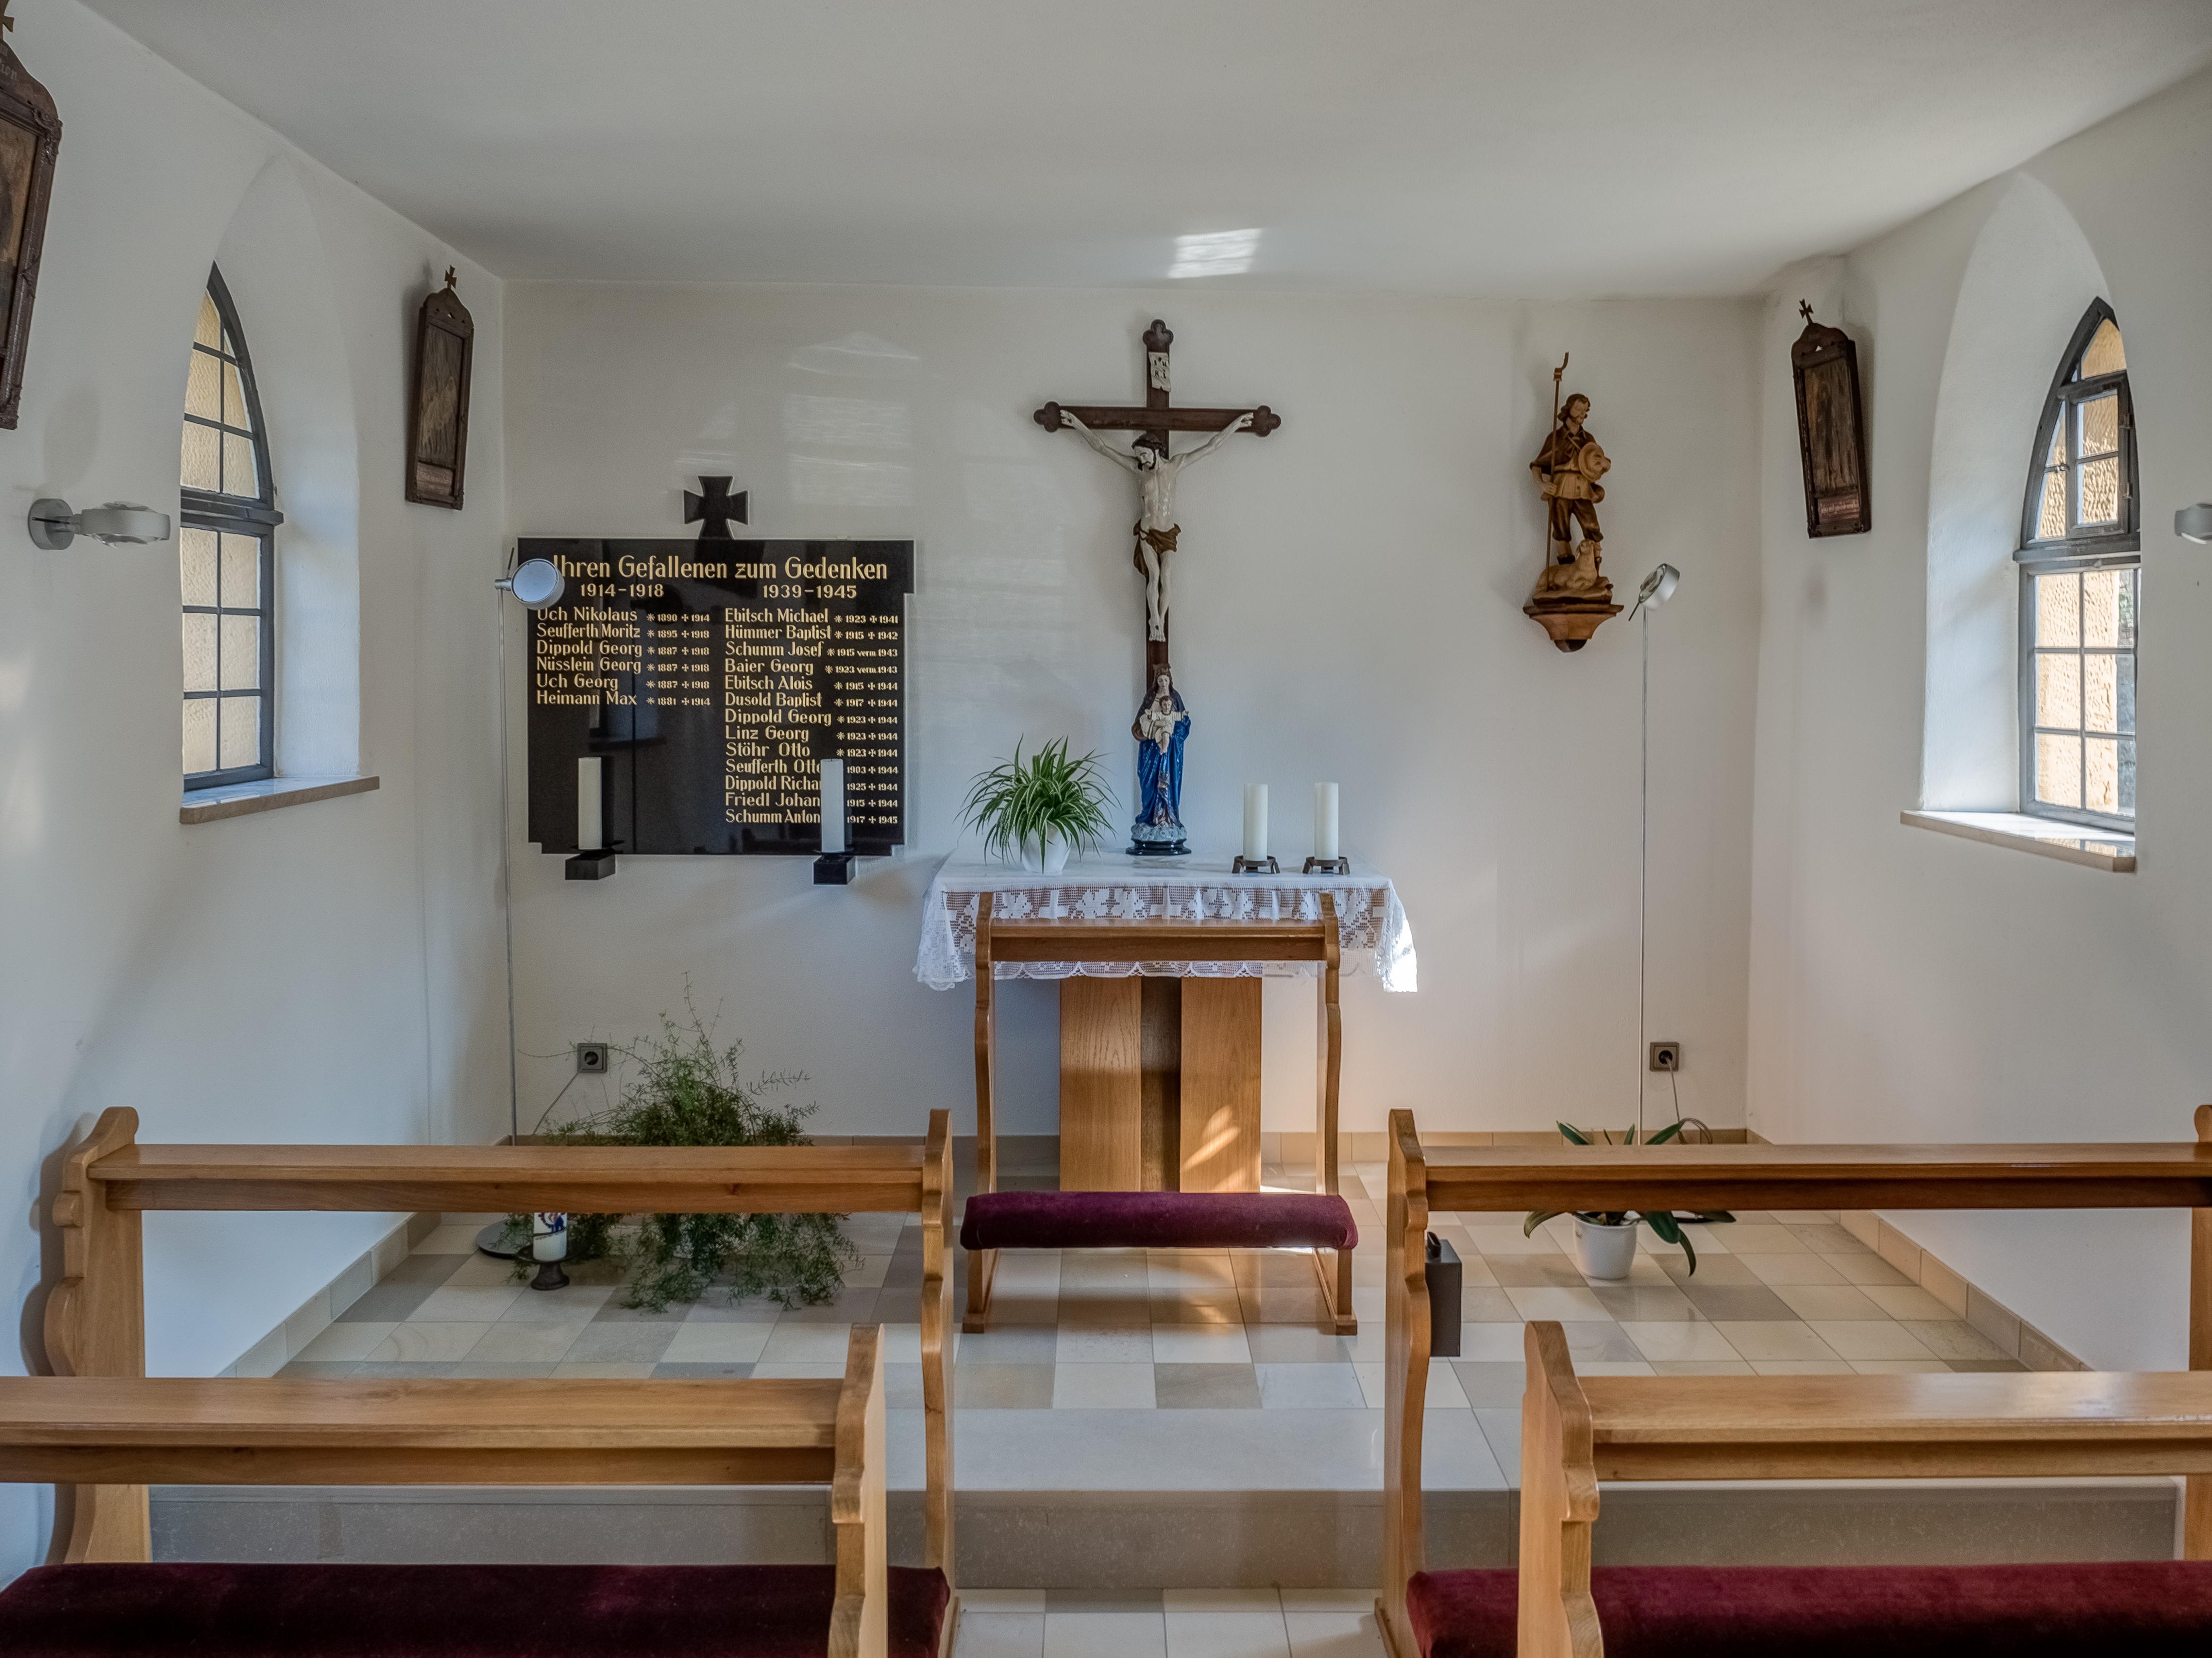 File:Demmelsdorf-Kapelle-Innen-9110104-HDR.jpg - Wikimedia Commons